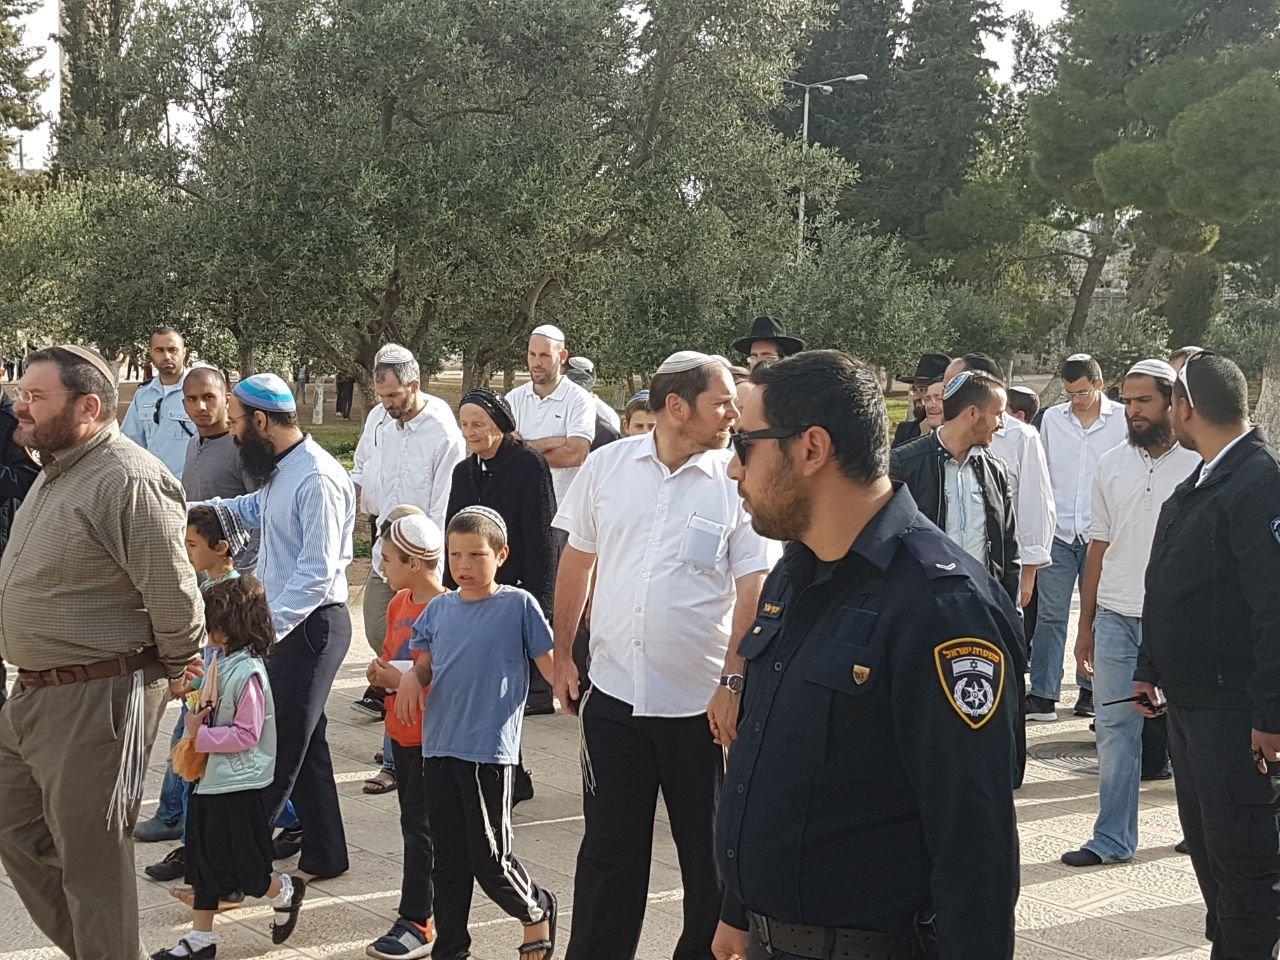 252 مستوطنا يقحمون باحات المسجد الاقصى